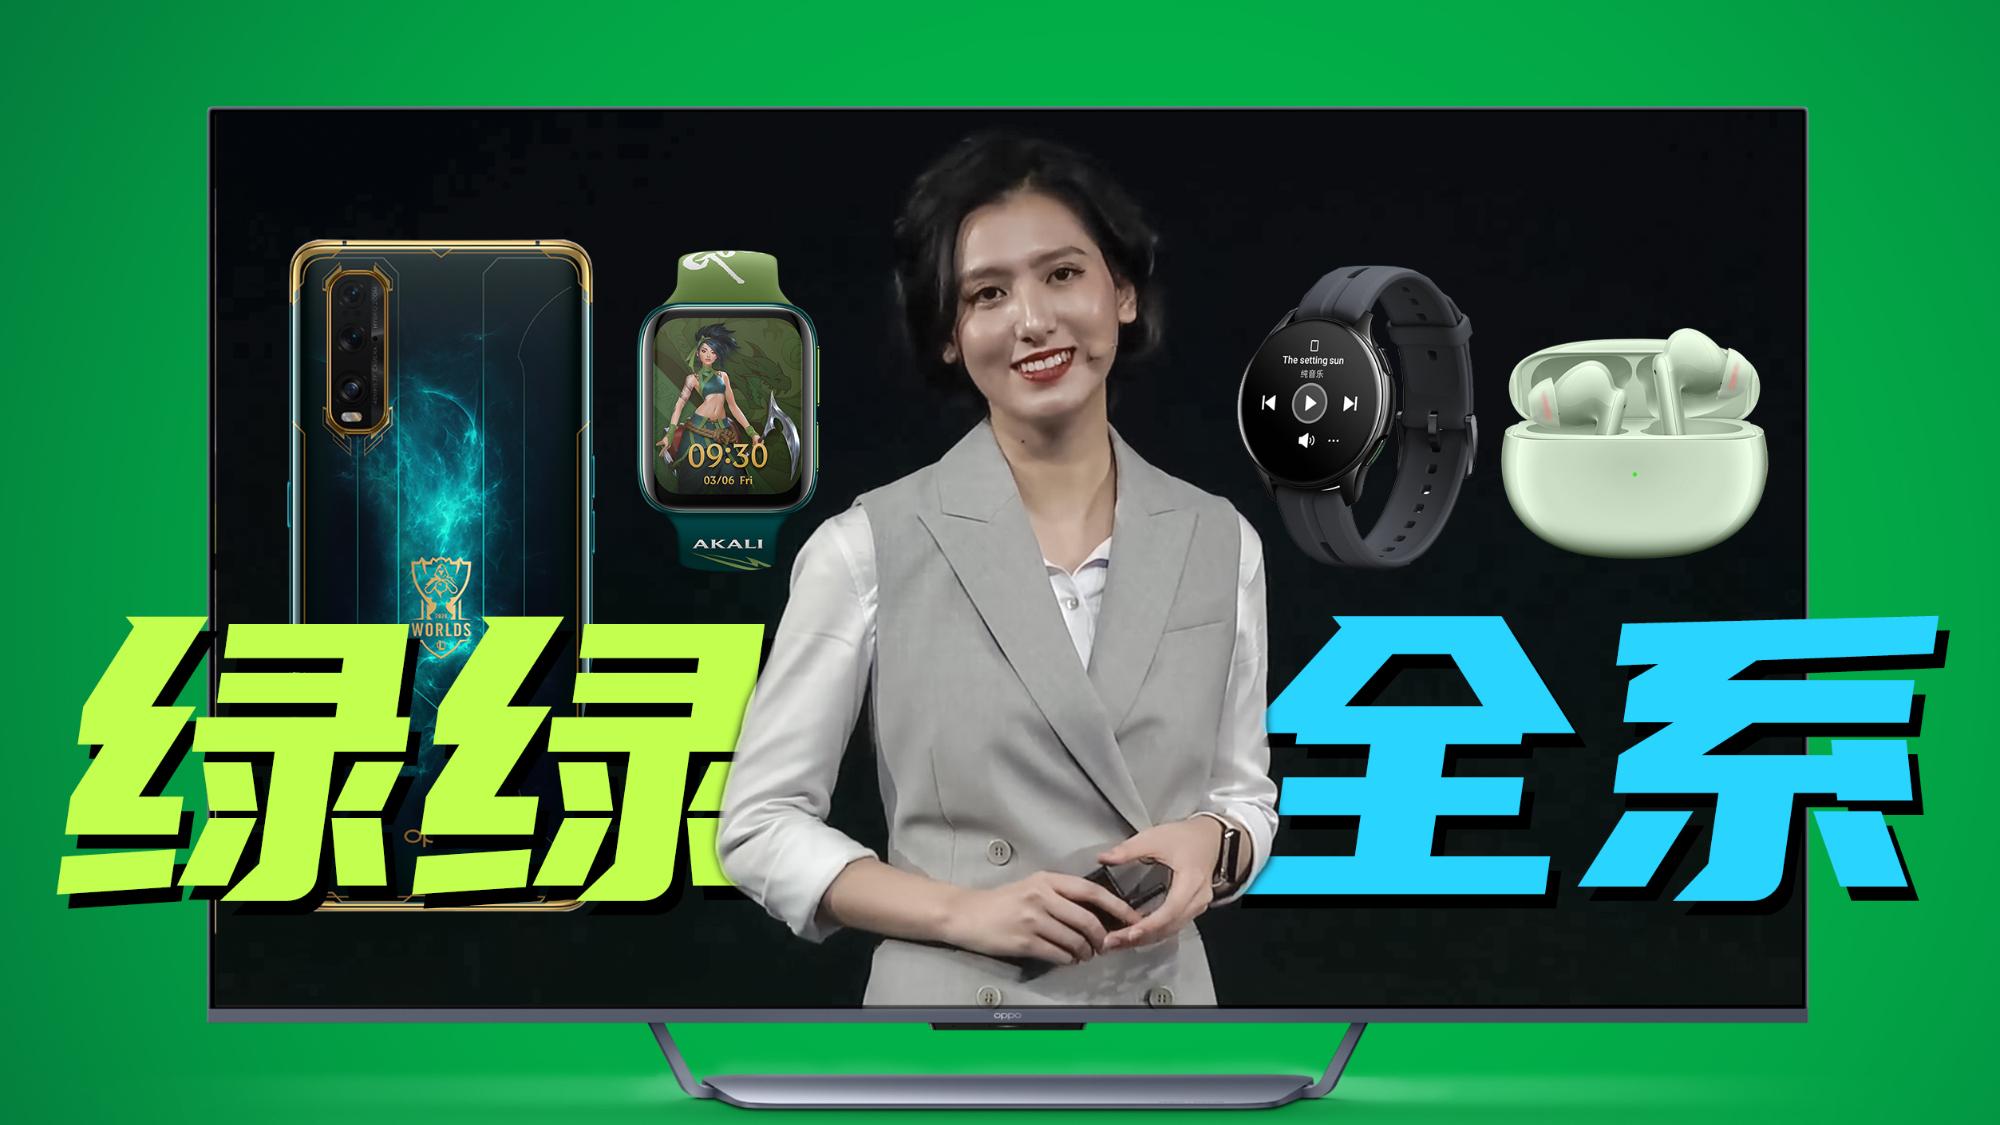 【短的发布会】OPPO的第一台电视,摸你卡产品经理发布精密仪器